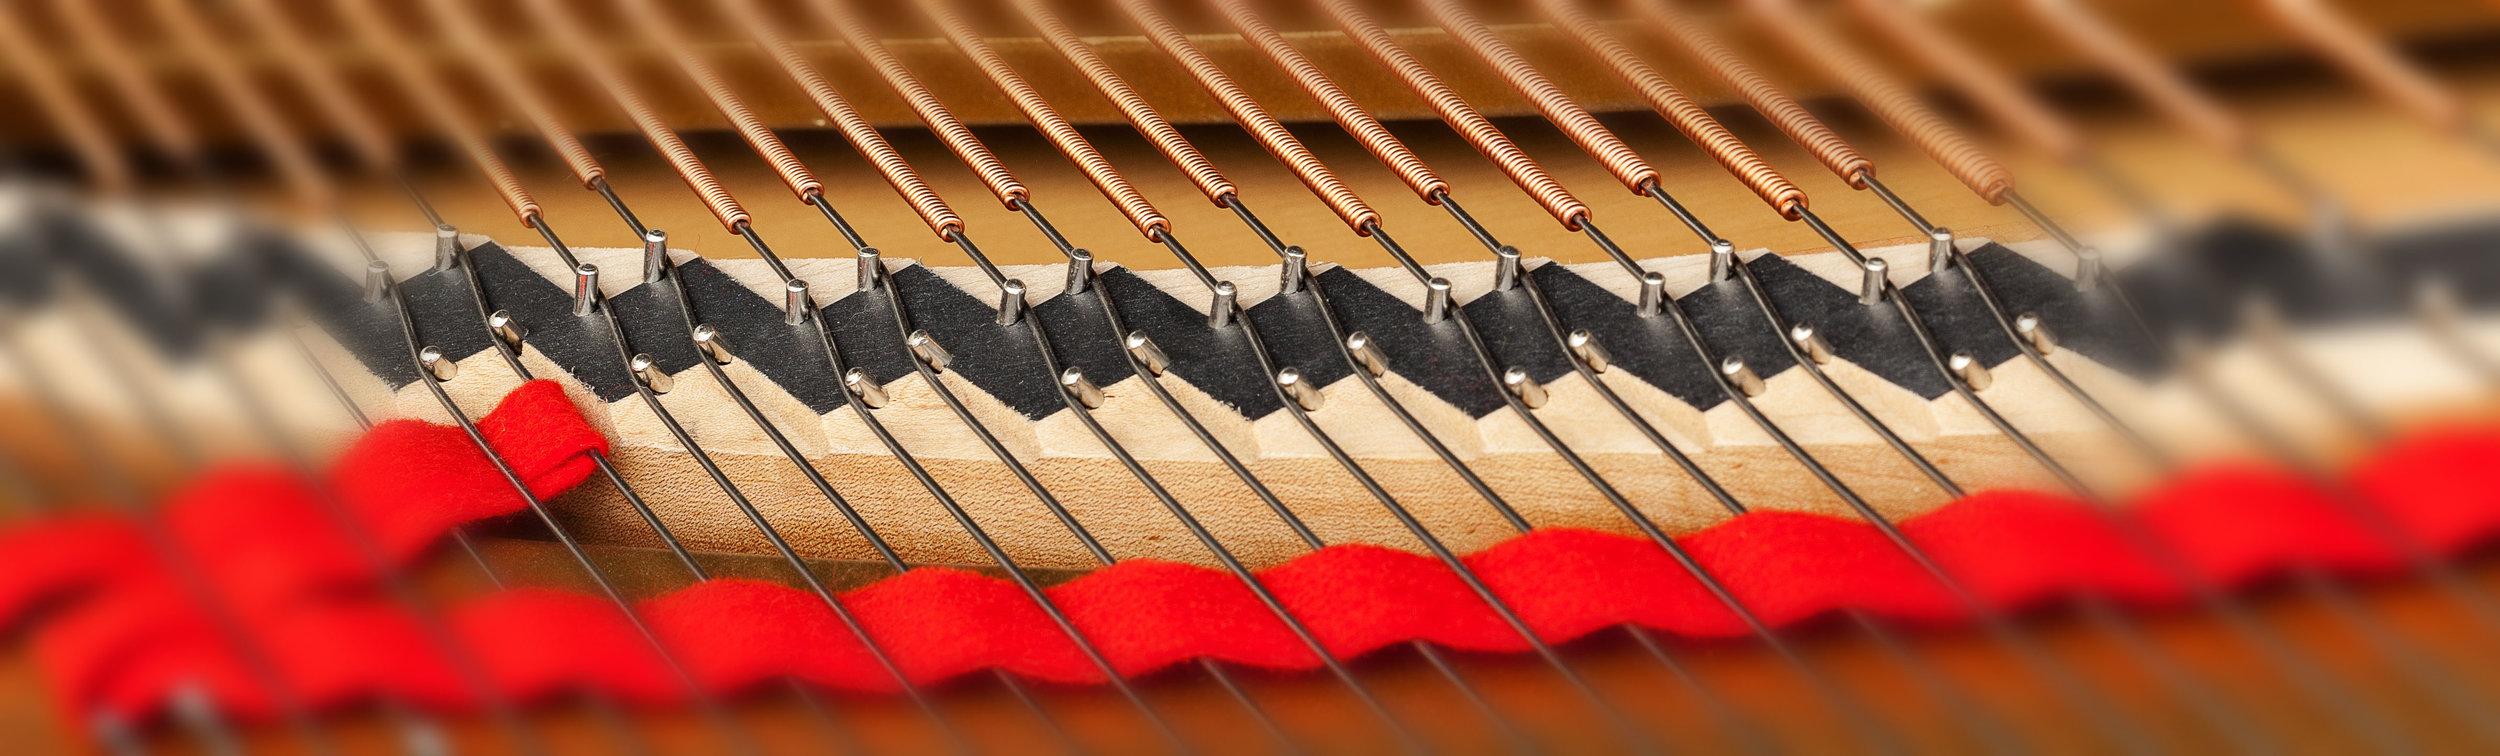 strings_108570884cr2.jpg